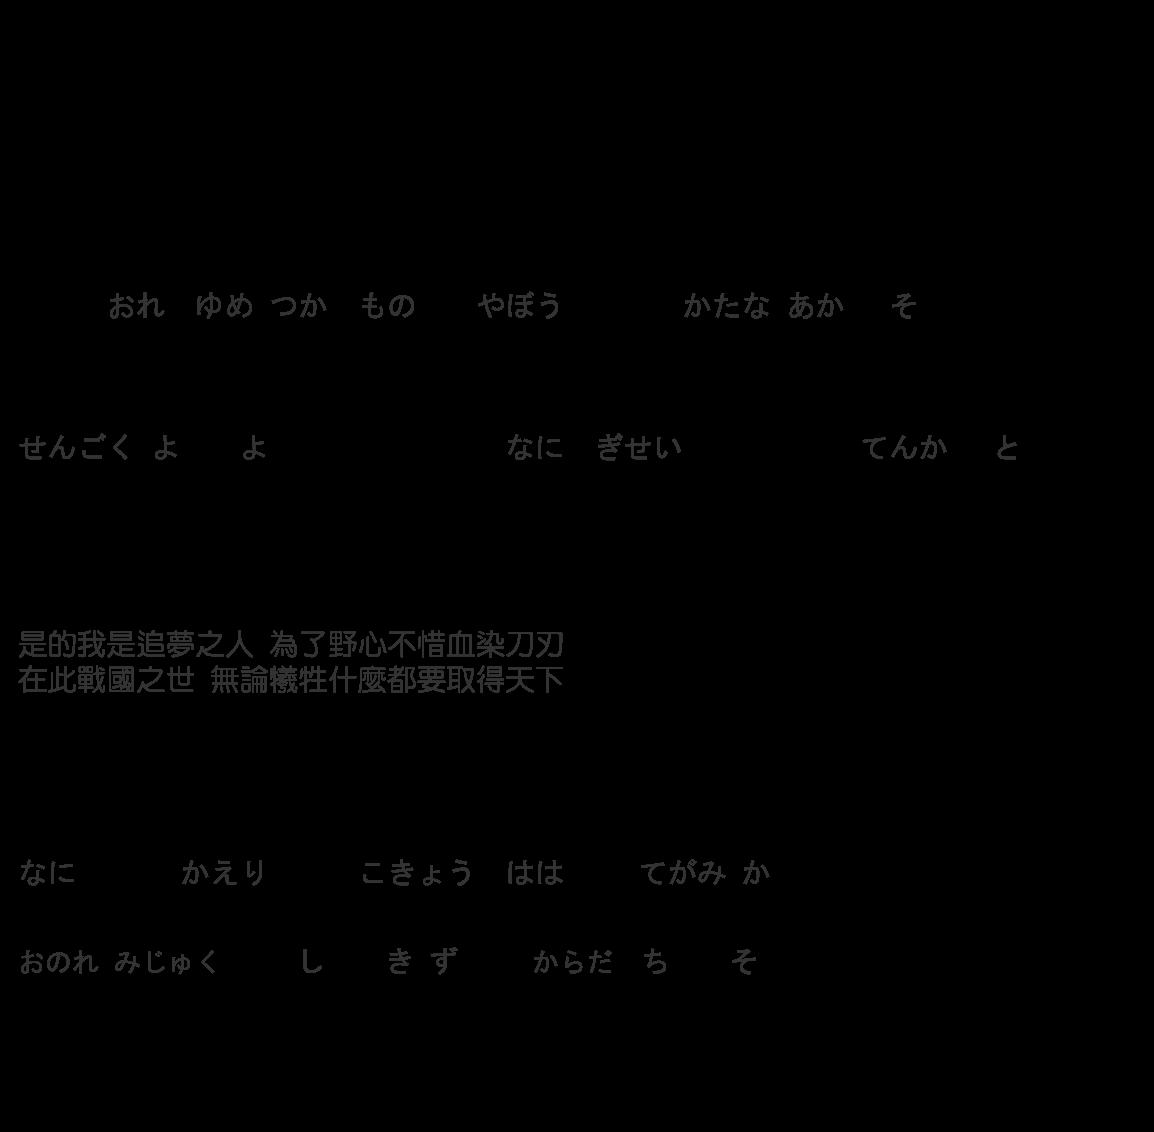 中日文字典翻譯 - 中日文字典翻譯  - 快熱資訊 - 走進時代